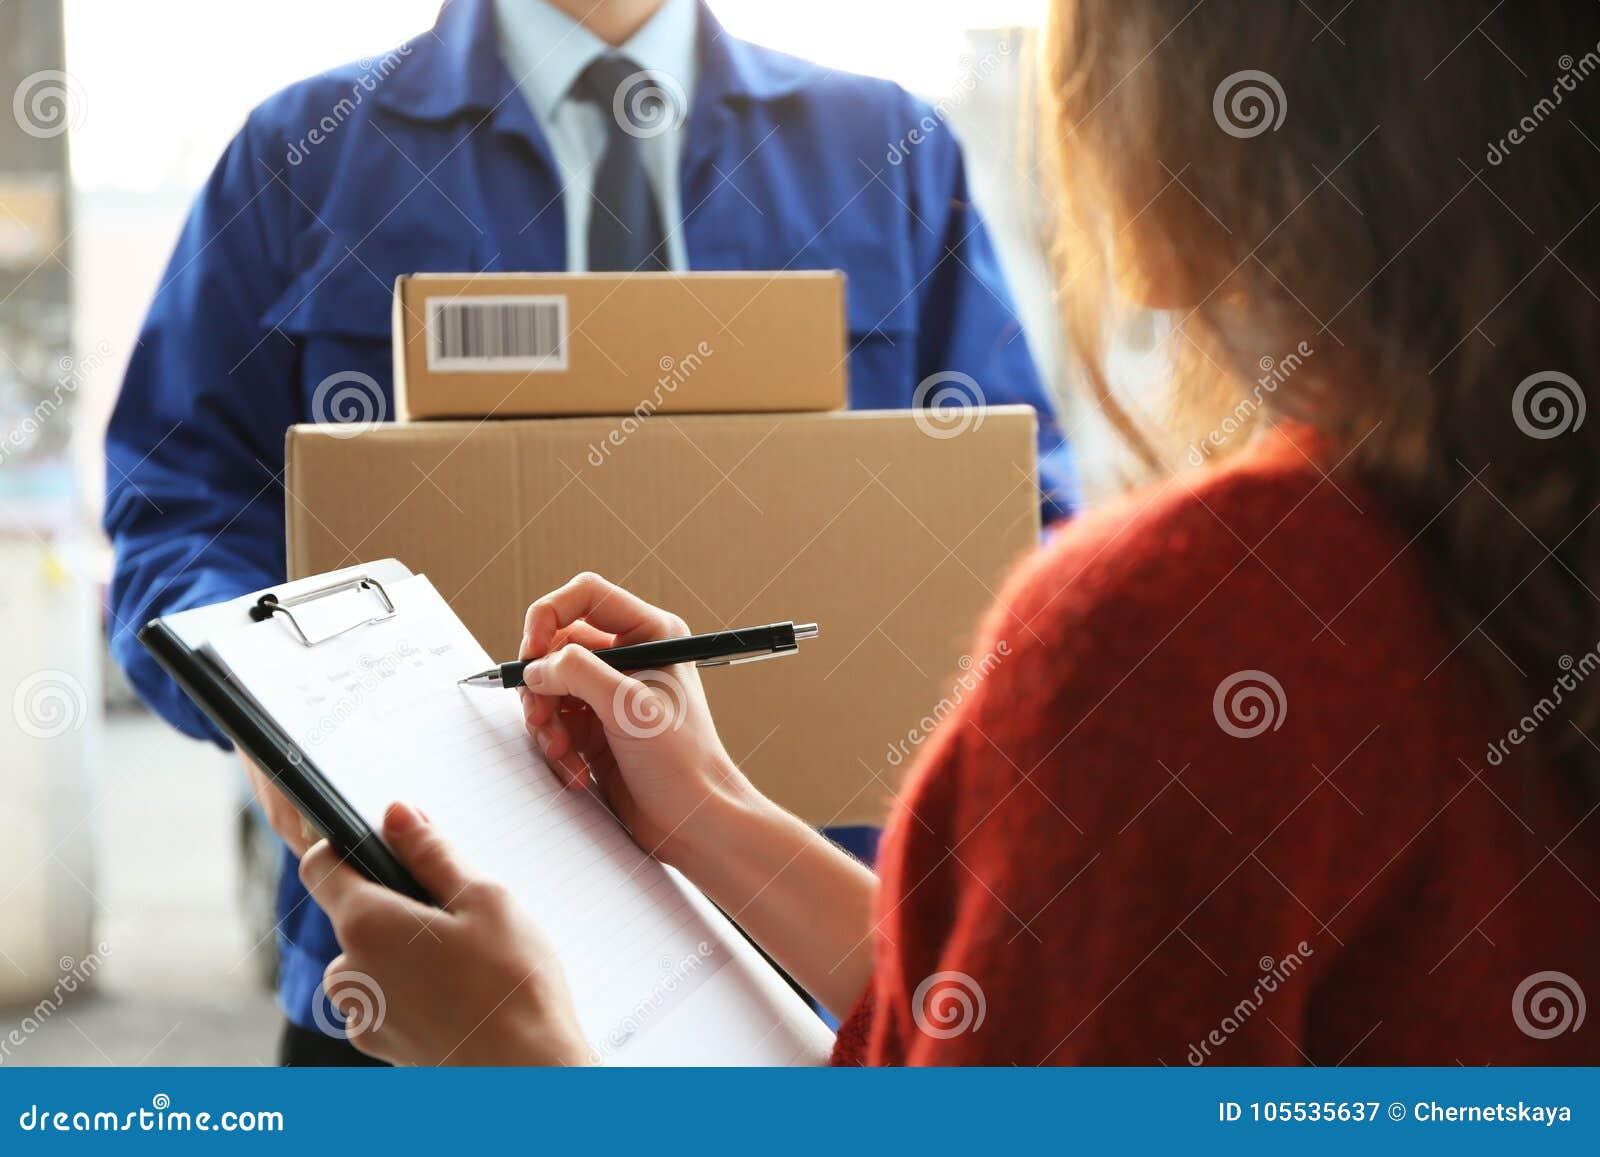 Unterzeichnende Dokumente der jungen Frau, nachdem Pakete empfangen worden sind